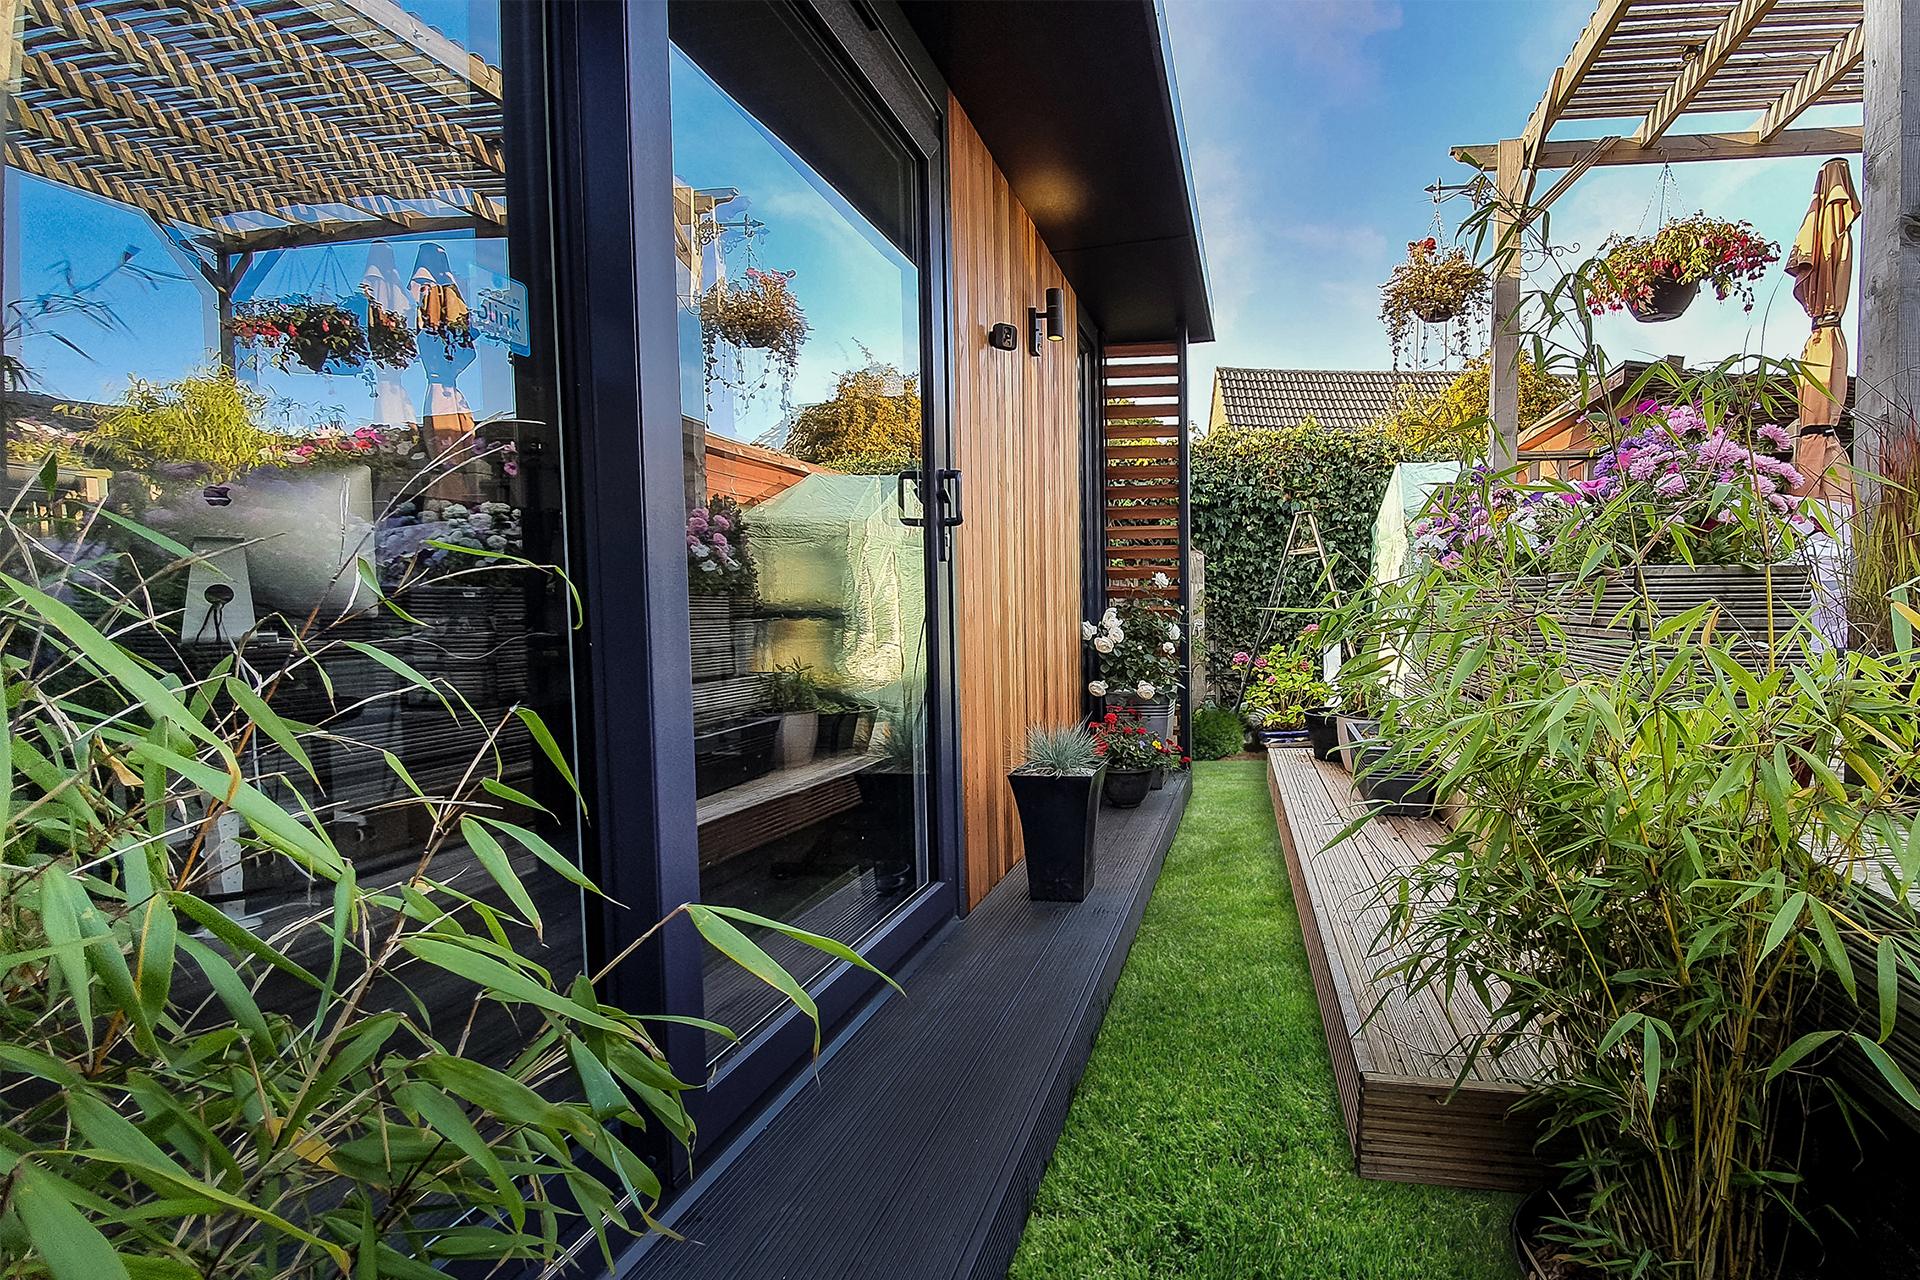 Exterior of home garden office